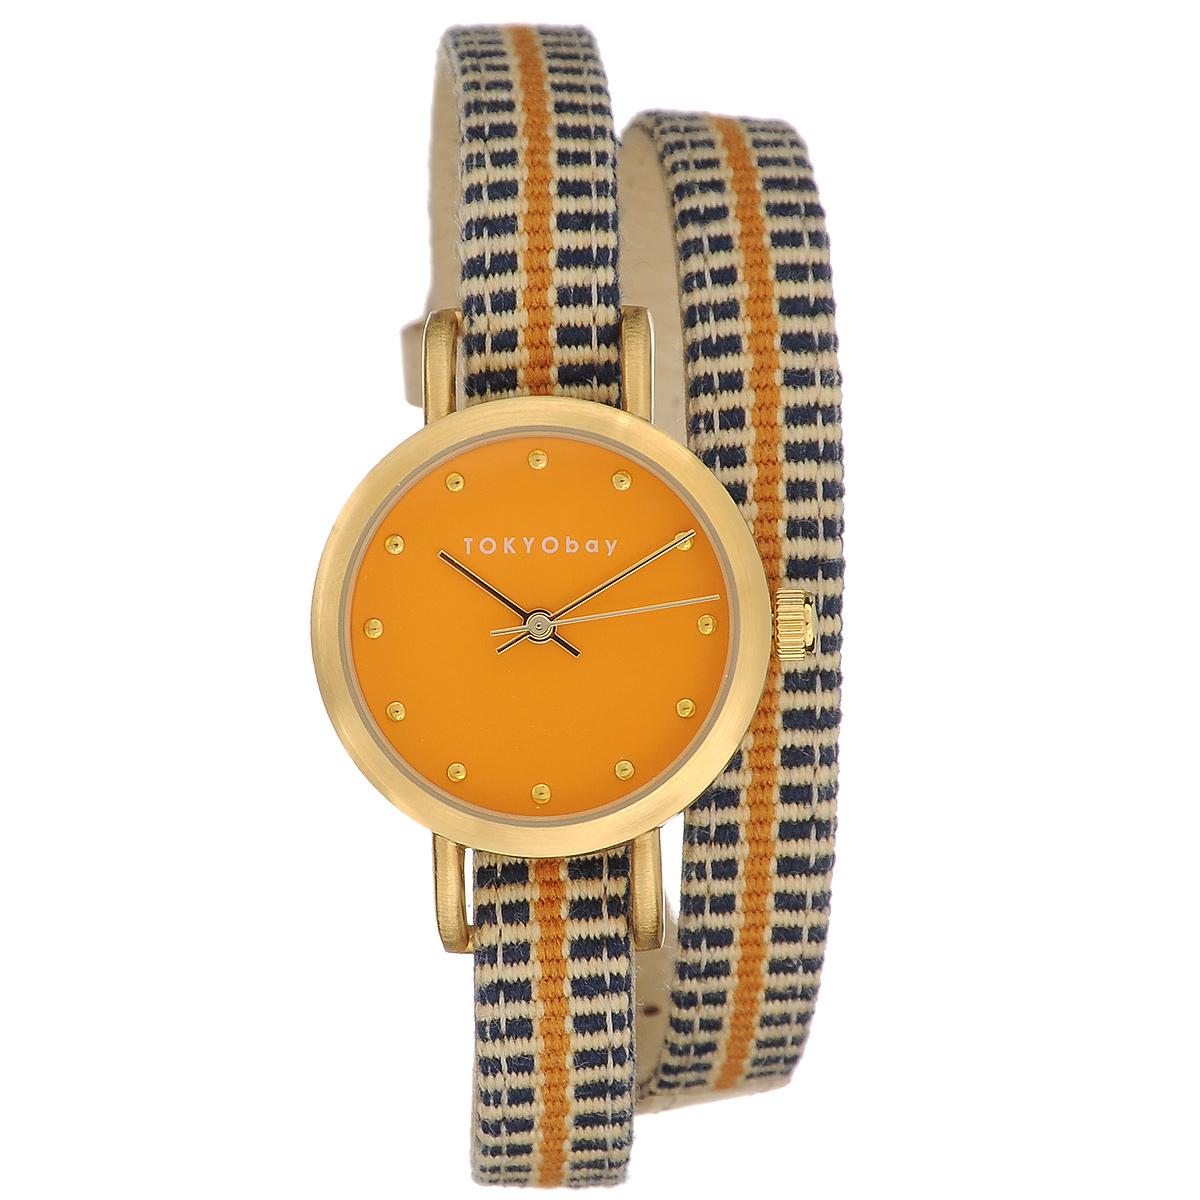 Часы женские наручные Tokyobay Obi, цвет: оранжевый, синий, бежевый. T233-ORT233-ORНаручные часы Tokyobay Obi - это стильное дополнение к вашему неповторимому образу. Эти часы созданы для современных девушек, ценящих стиль, качество и практичность. Часы оснащены японским кварцевым механизмом Miyota. Корпус круглой формы выполнен из сплава металлов, не содержащего никель. Задняя крышка изготовлена из нержавеющей стали. Циферблат оформлен металлическими отметками, имеет три стрелки - часовую, минутную и секундную. Циферблат защищен ударопрочным оптическим пластиком. Ремешок выполнен из натуральной кожи и плотного текстиля, застегивается на классическую застежку. Часы Tokyobay - это практичный и модный аксессуар, который подчеркнет ваш безупречный вкус. Характеристики: Корпус: 2,2 х 2,2 х 0,7 см. Размер ремешка: 37 х 0,8 см. Не содержит никель. Не водостойкие.